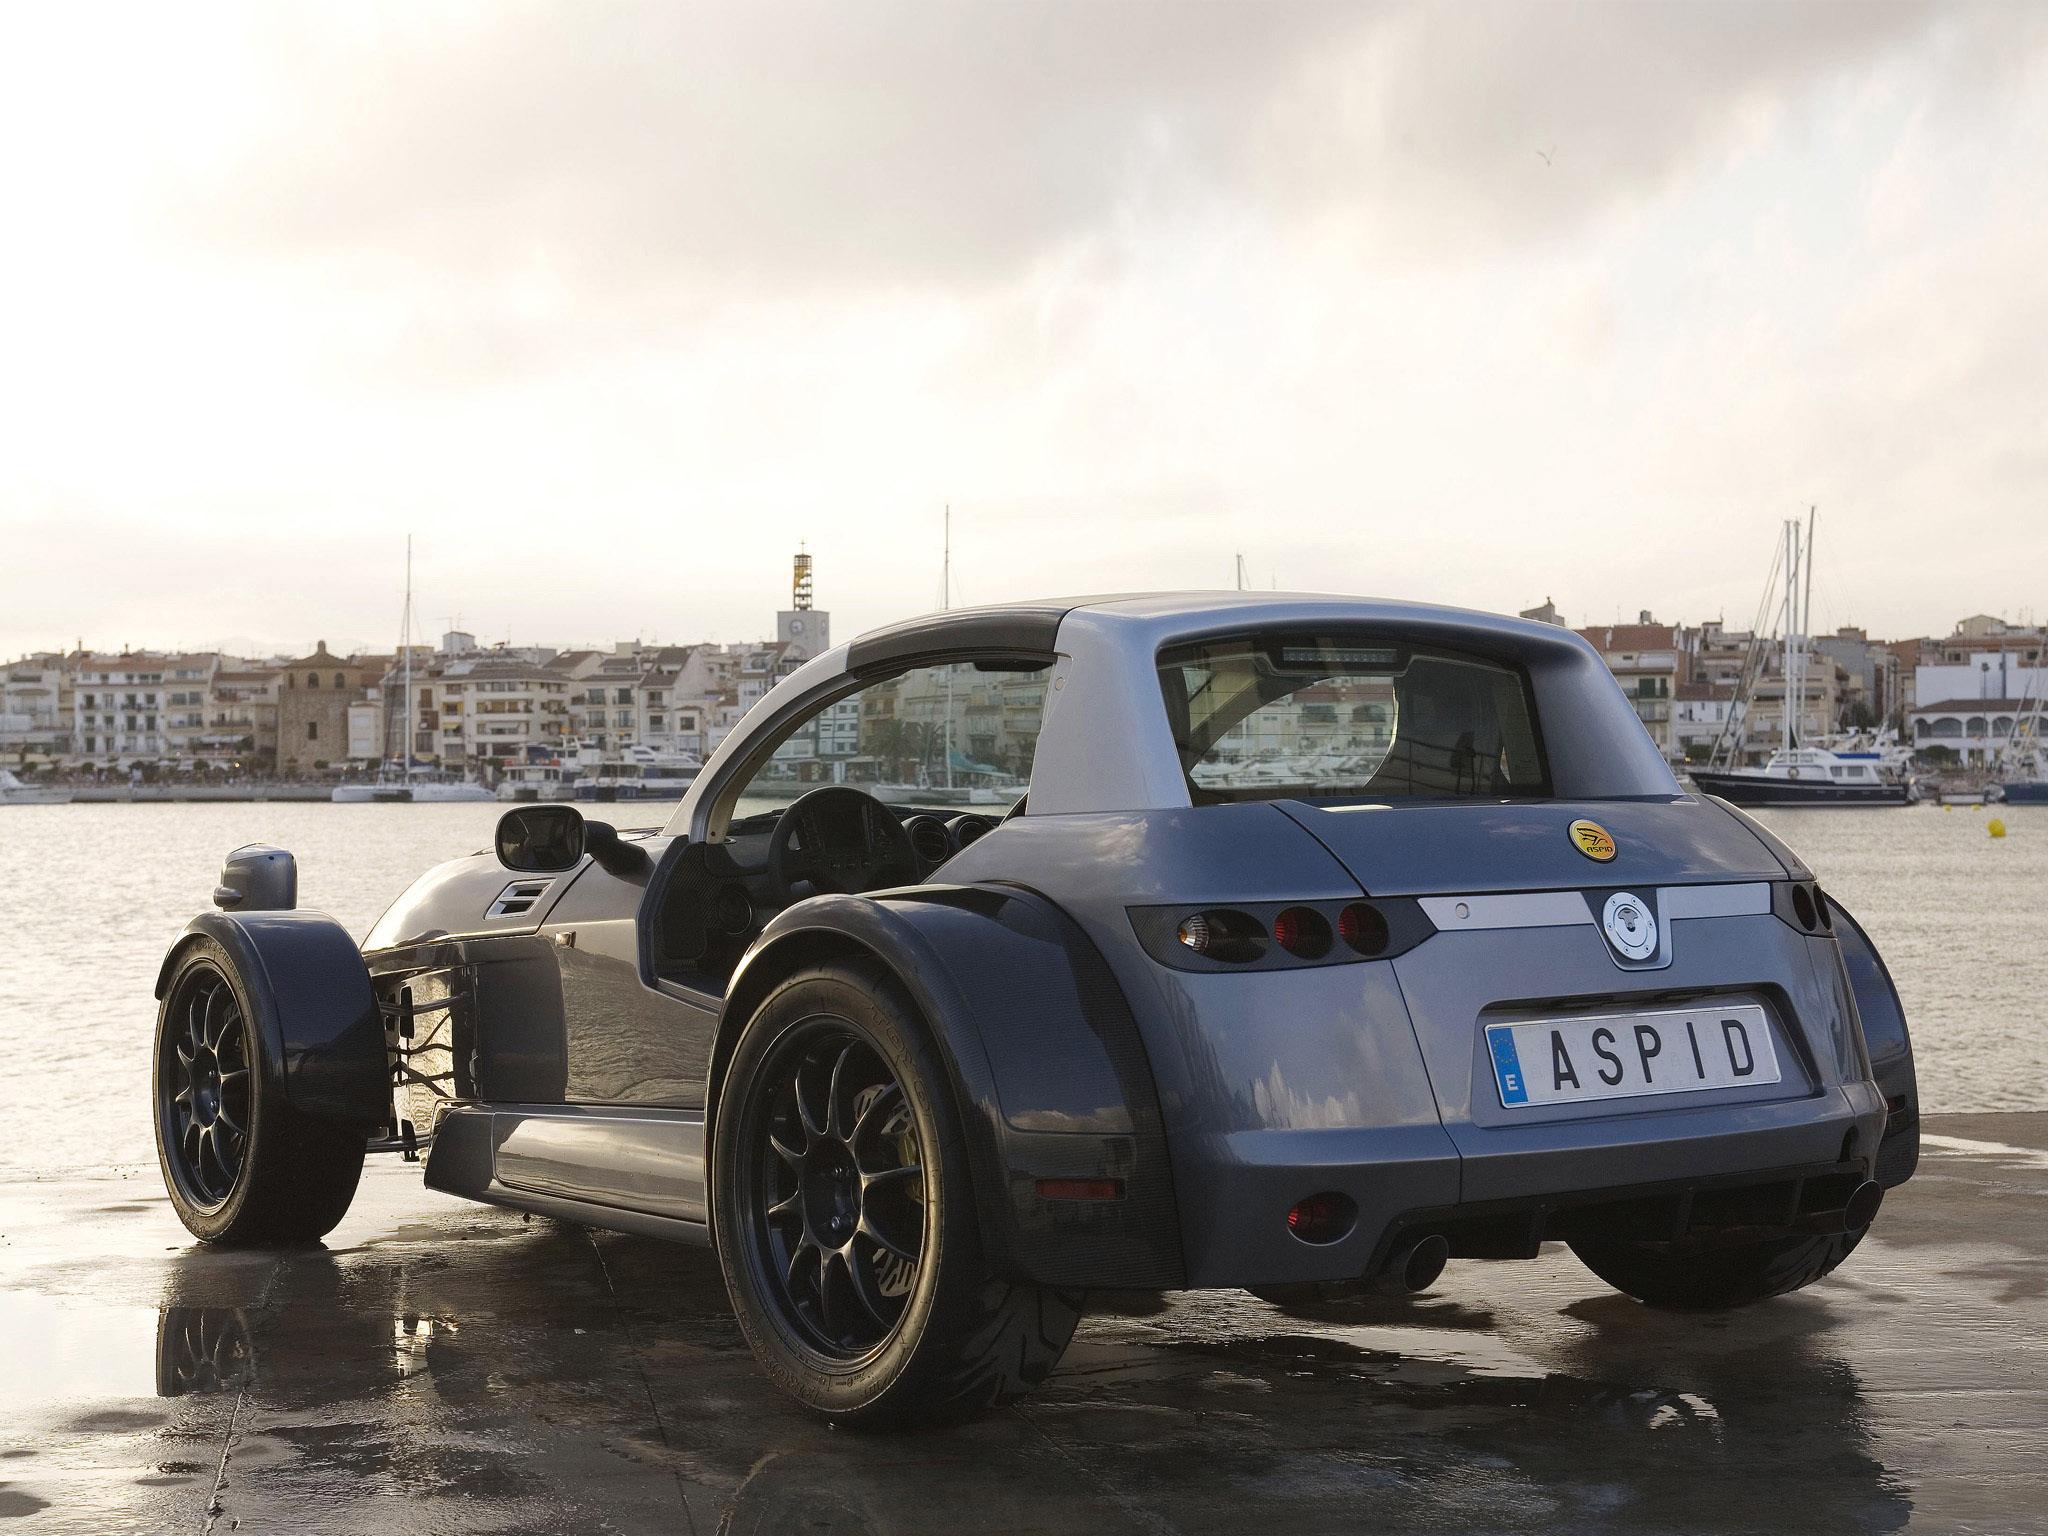 самые легкие автомобили картинки временем пятен